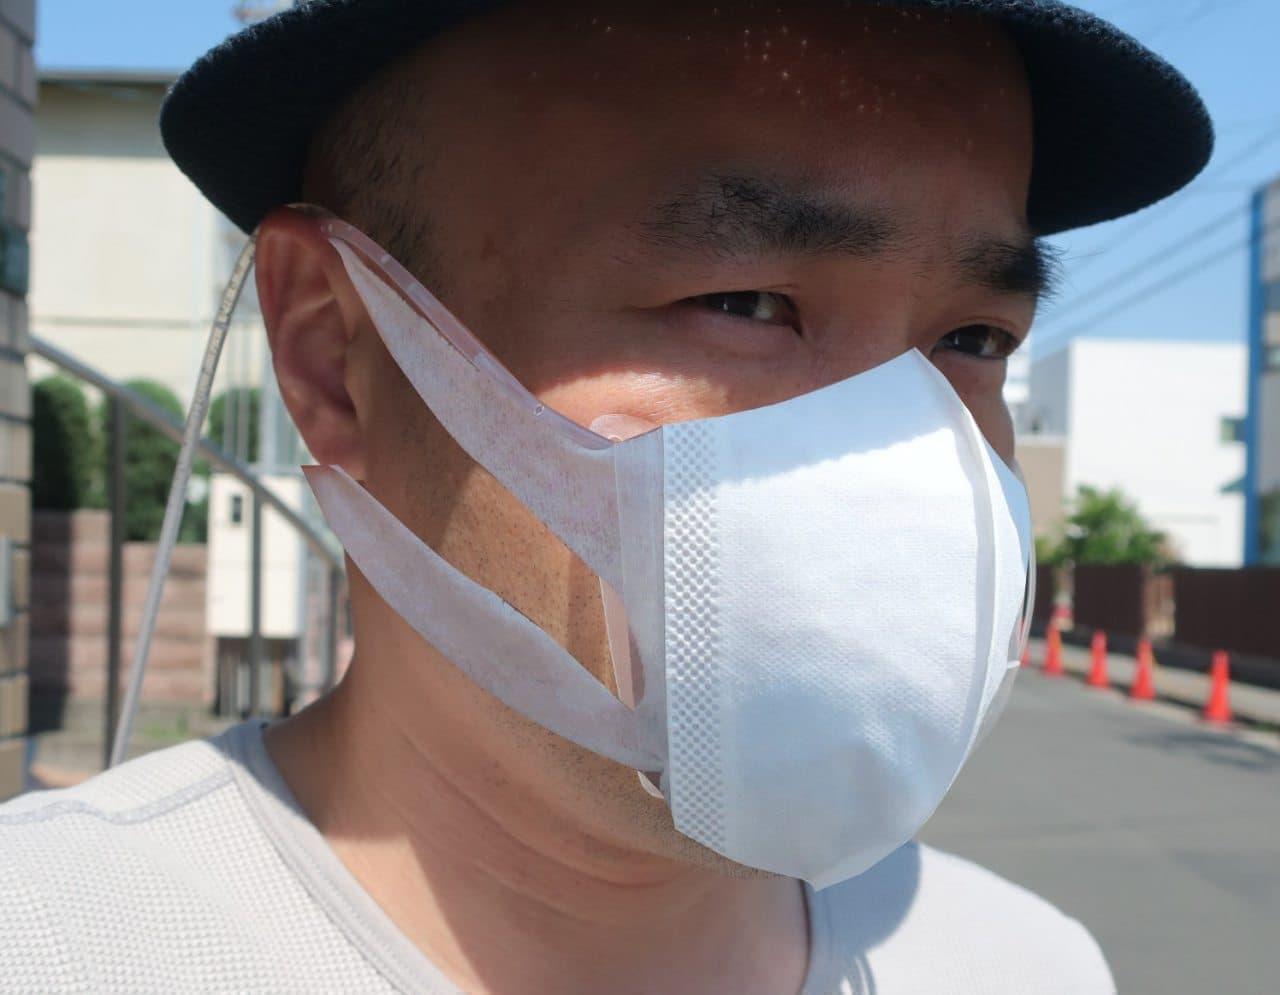 循環する水で冷やすマスク「マスクエアコン」